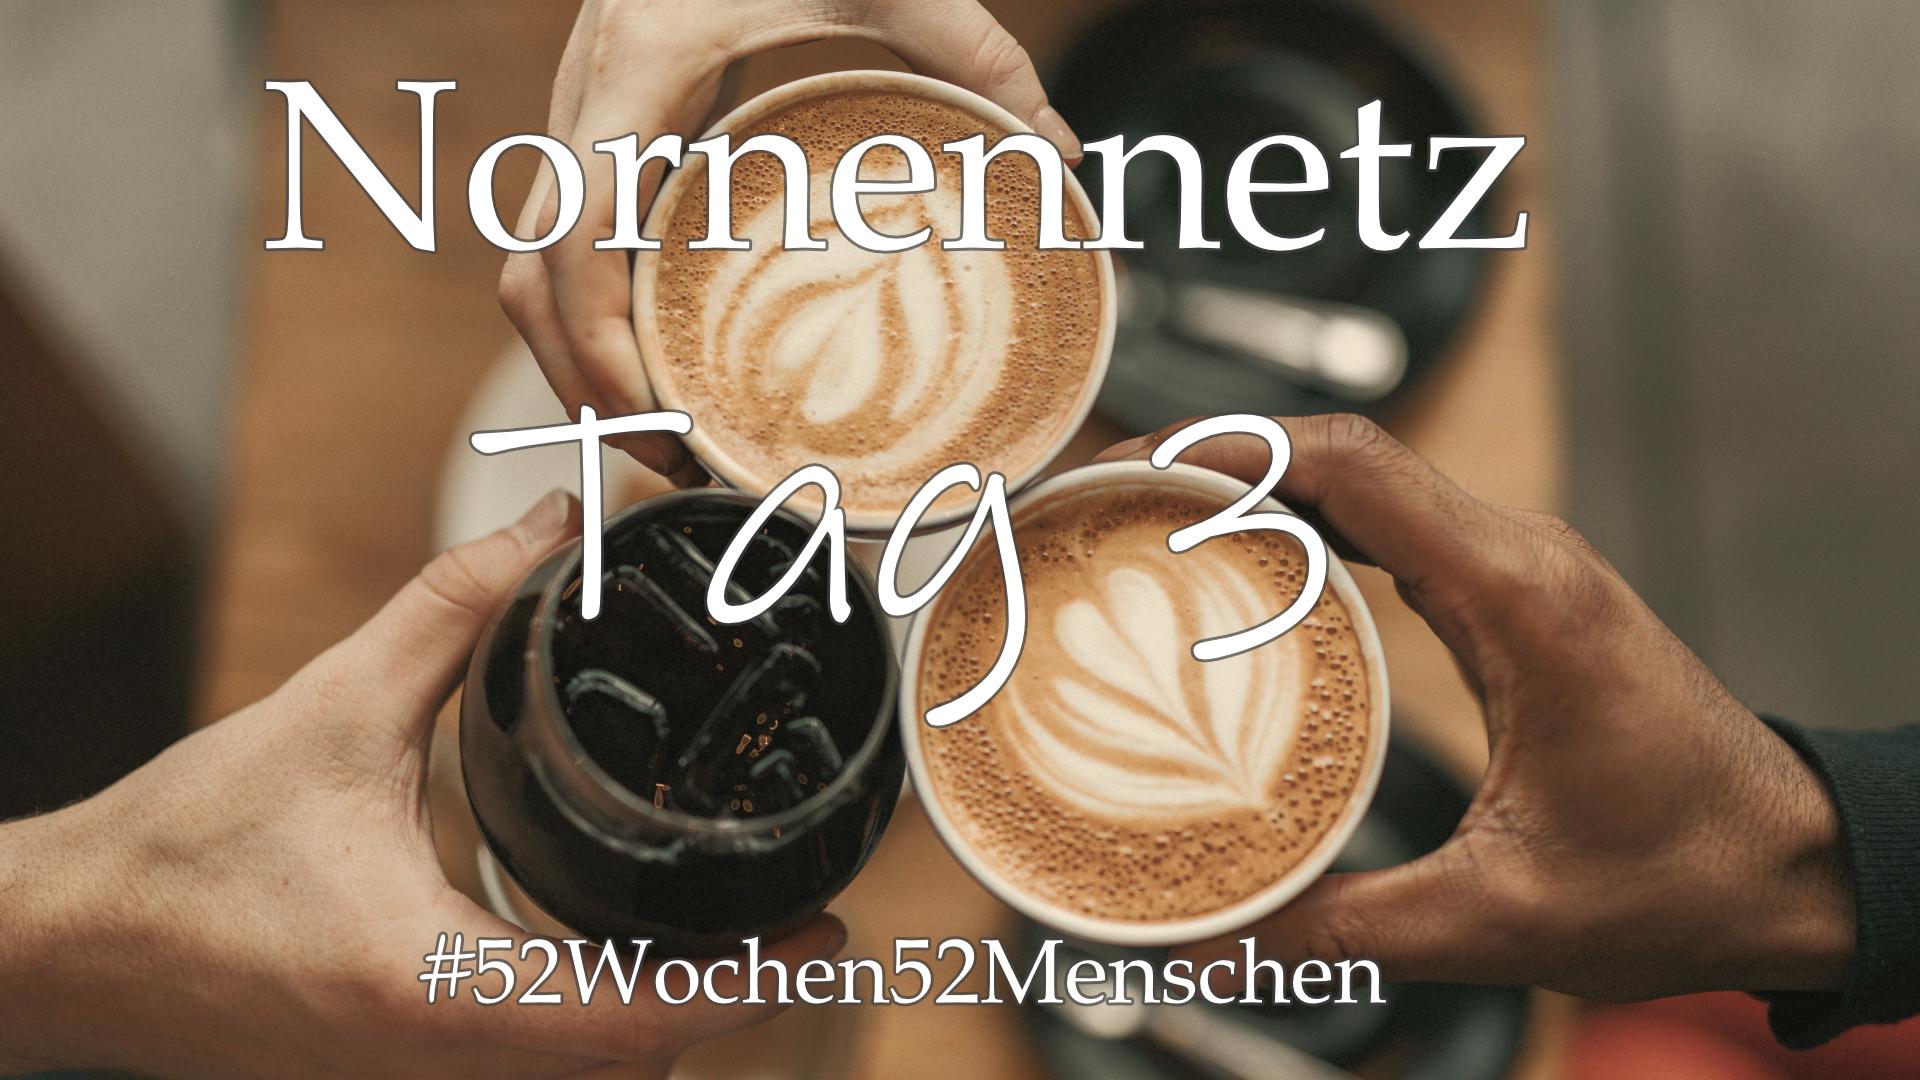 #52Wochen52Menschen: KW2 – Nornennetzwerk- Tag 3